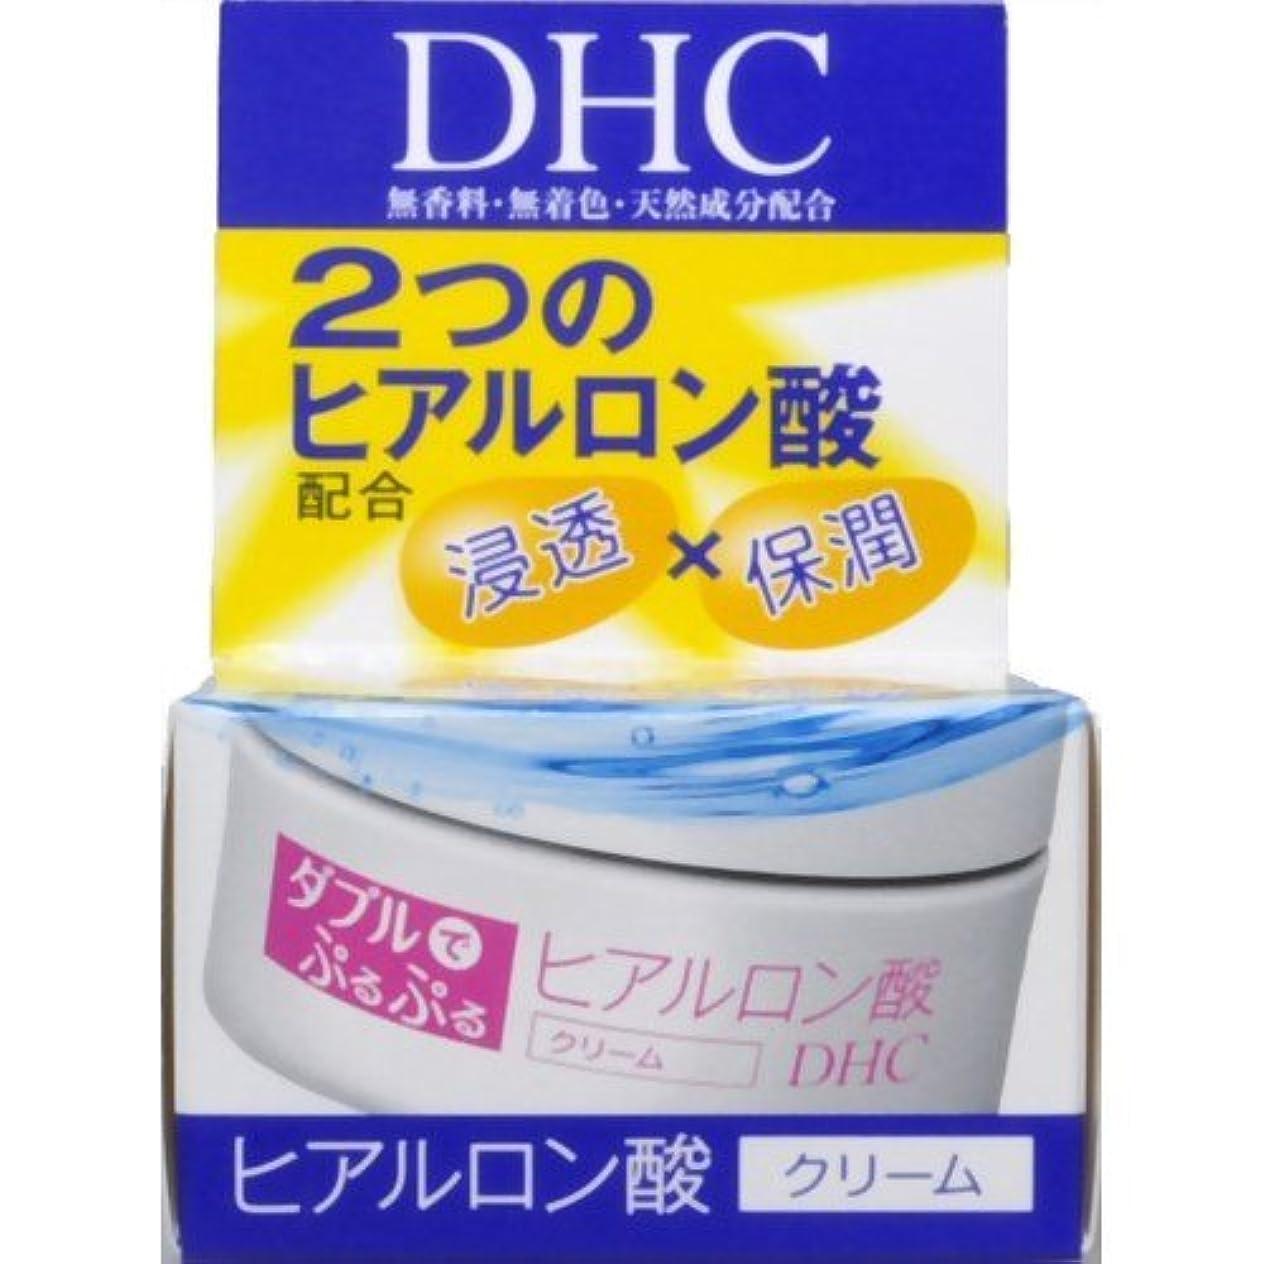 ラベ豊かにする阻害するDHC ダブルモイスチュアクリーム 50g